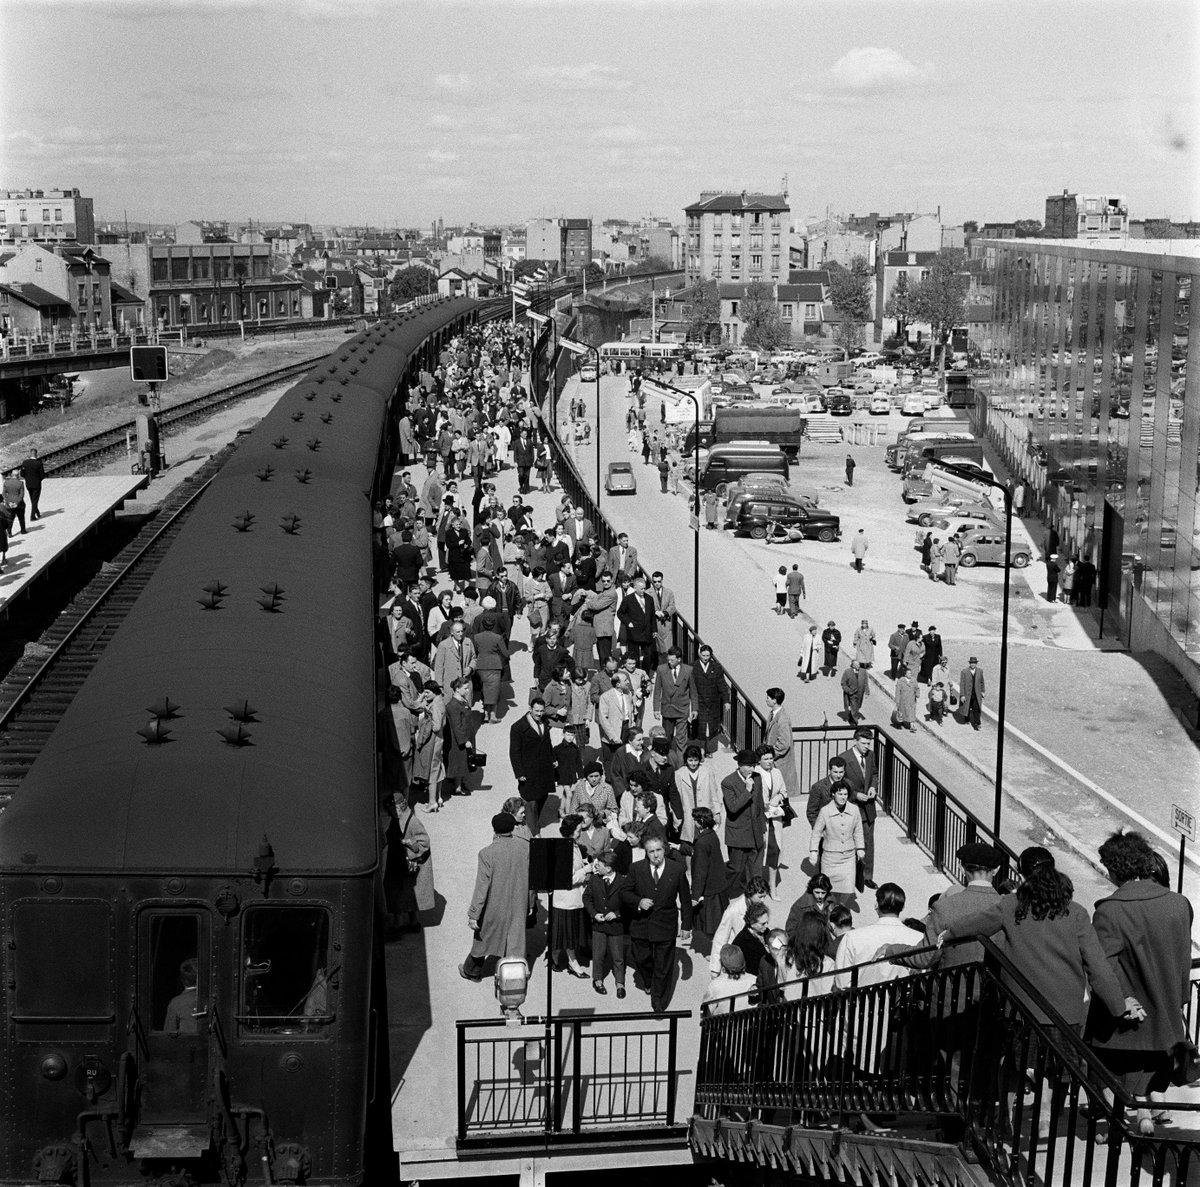 Lignes N et U SNCF's photo on #JeudiPhoto